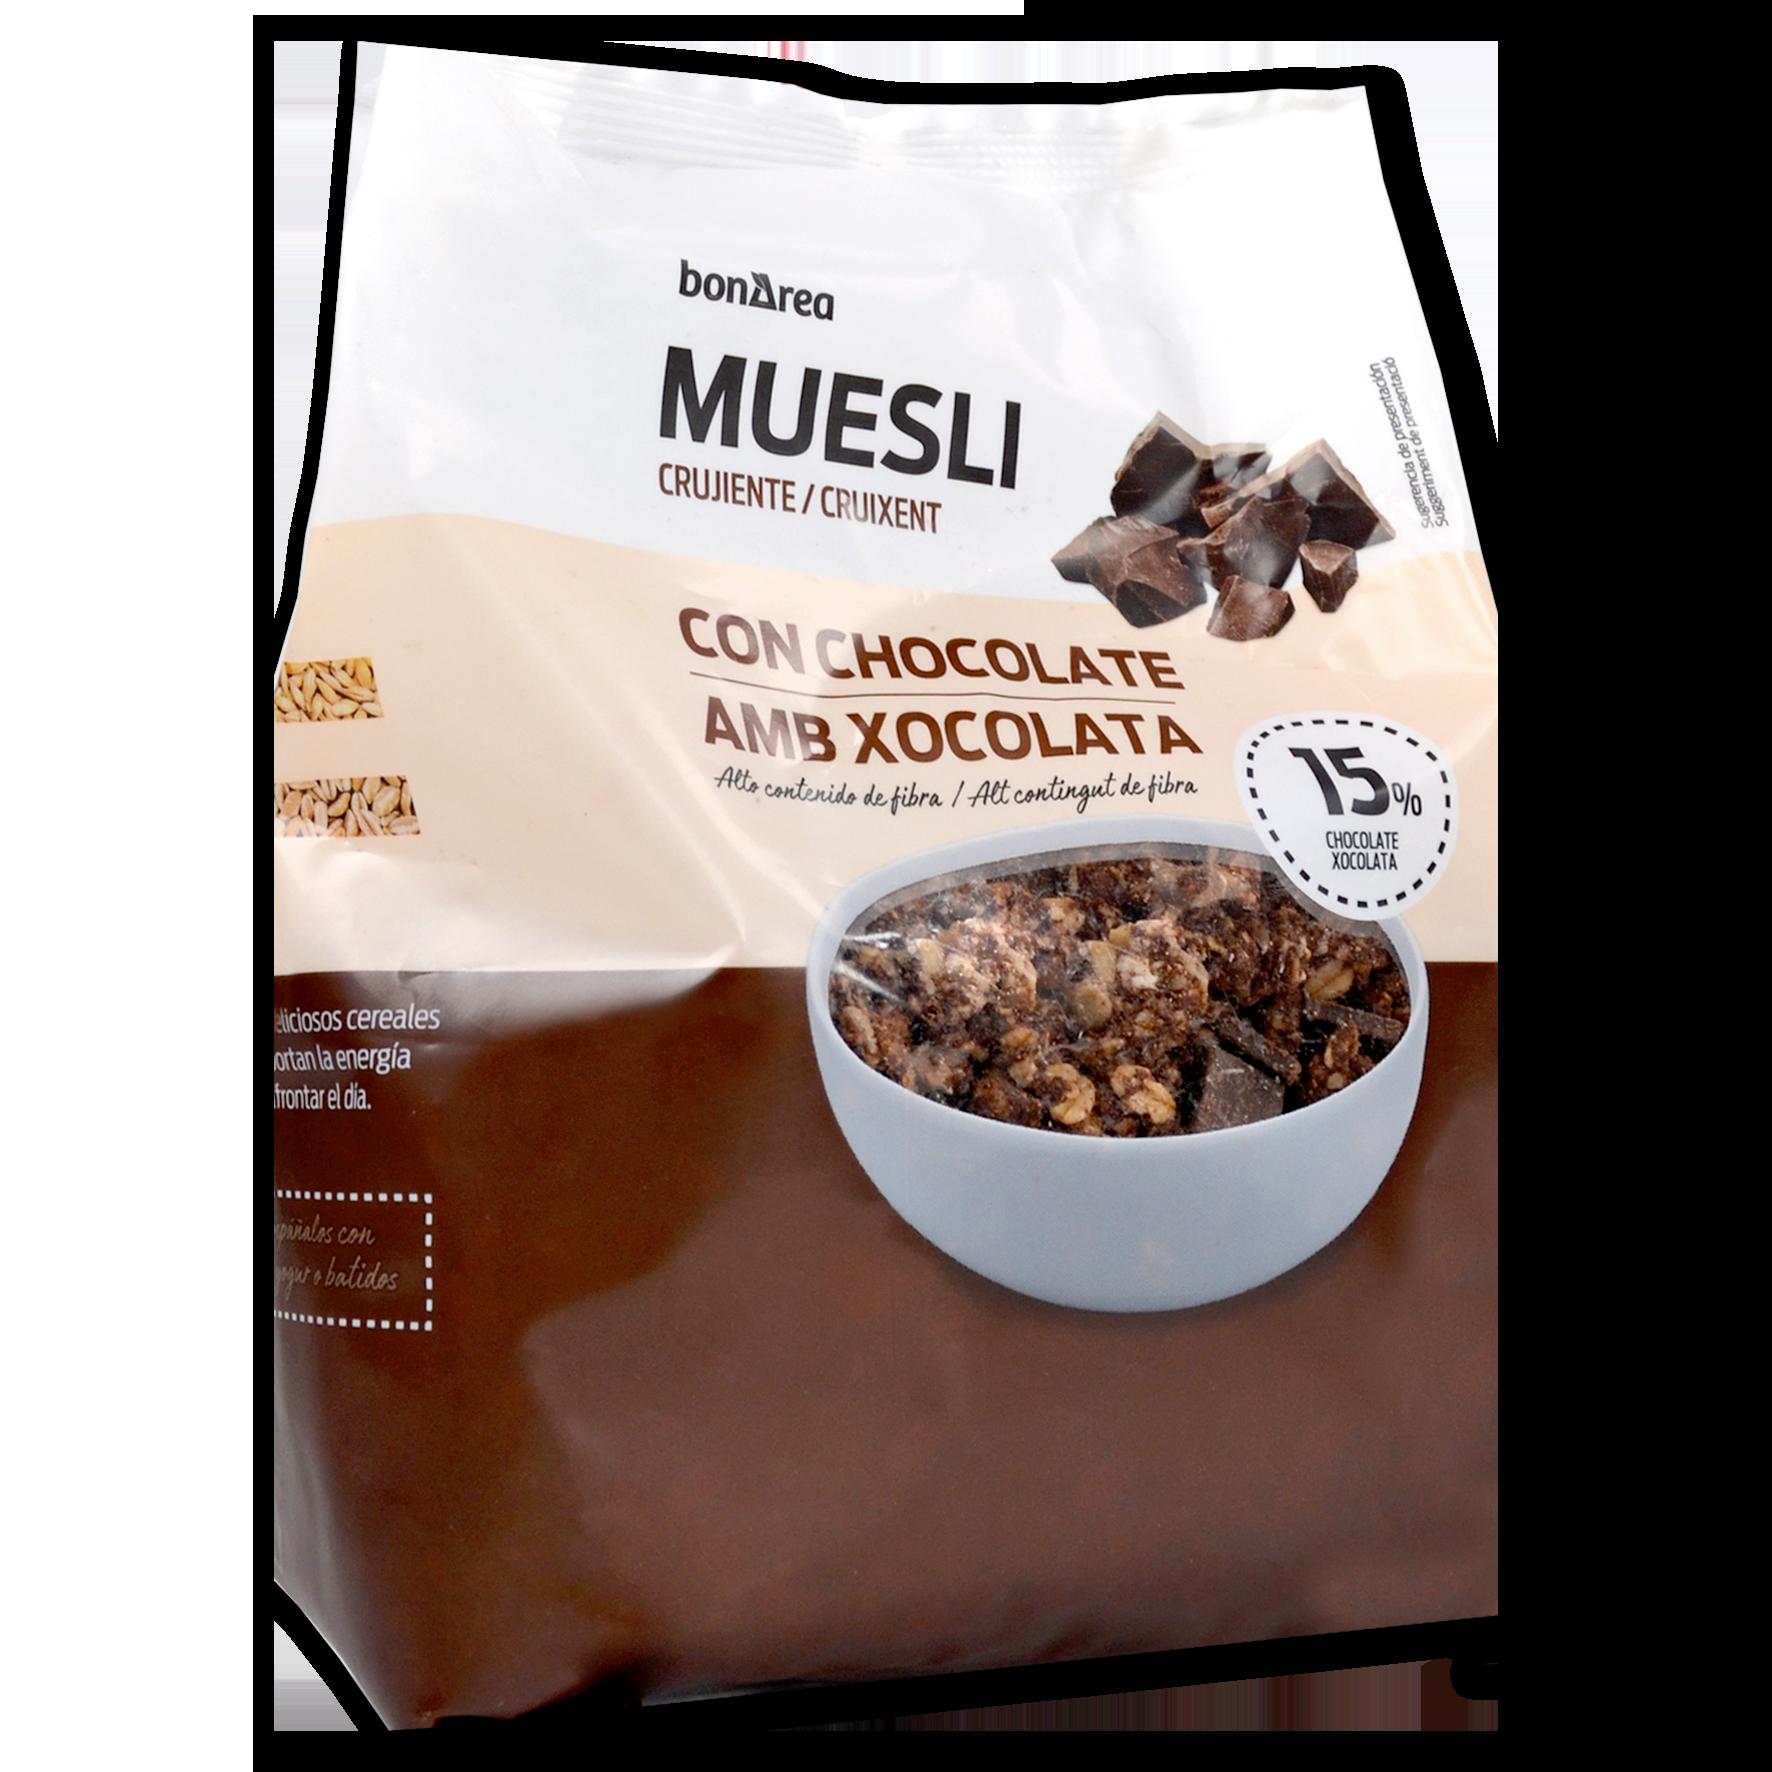 Muesli cruixent amb xocolata paquet